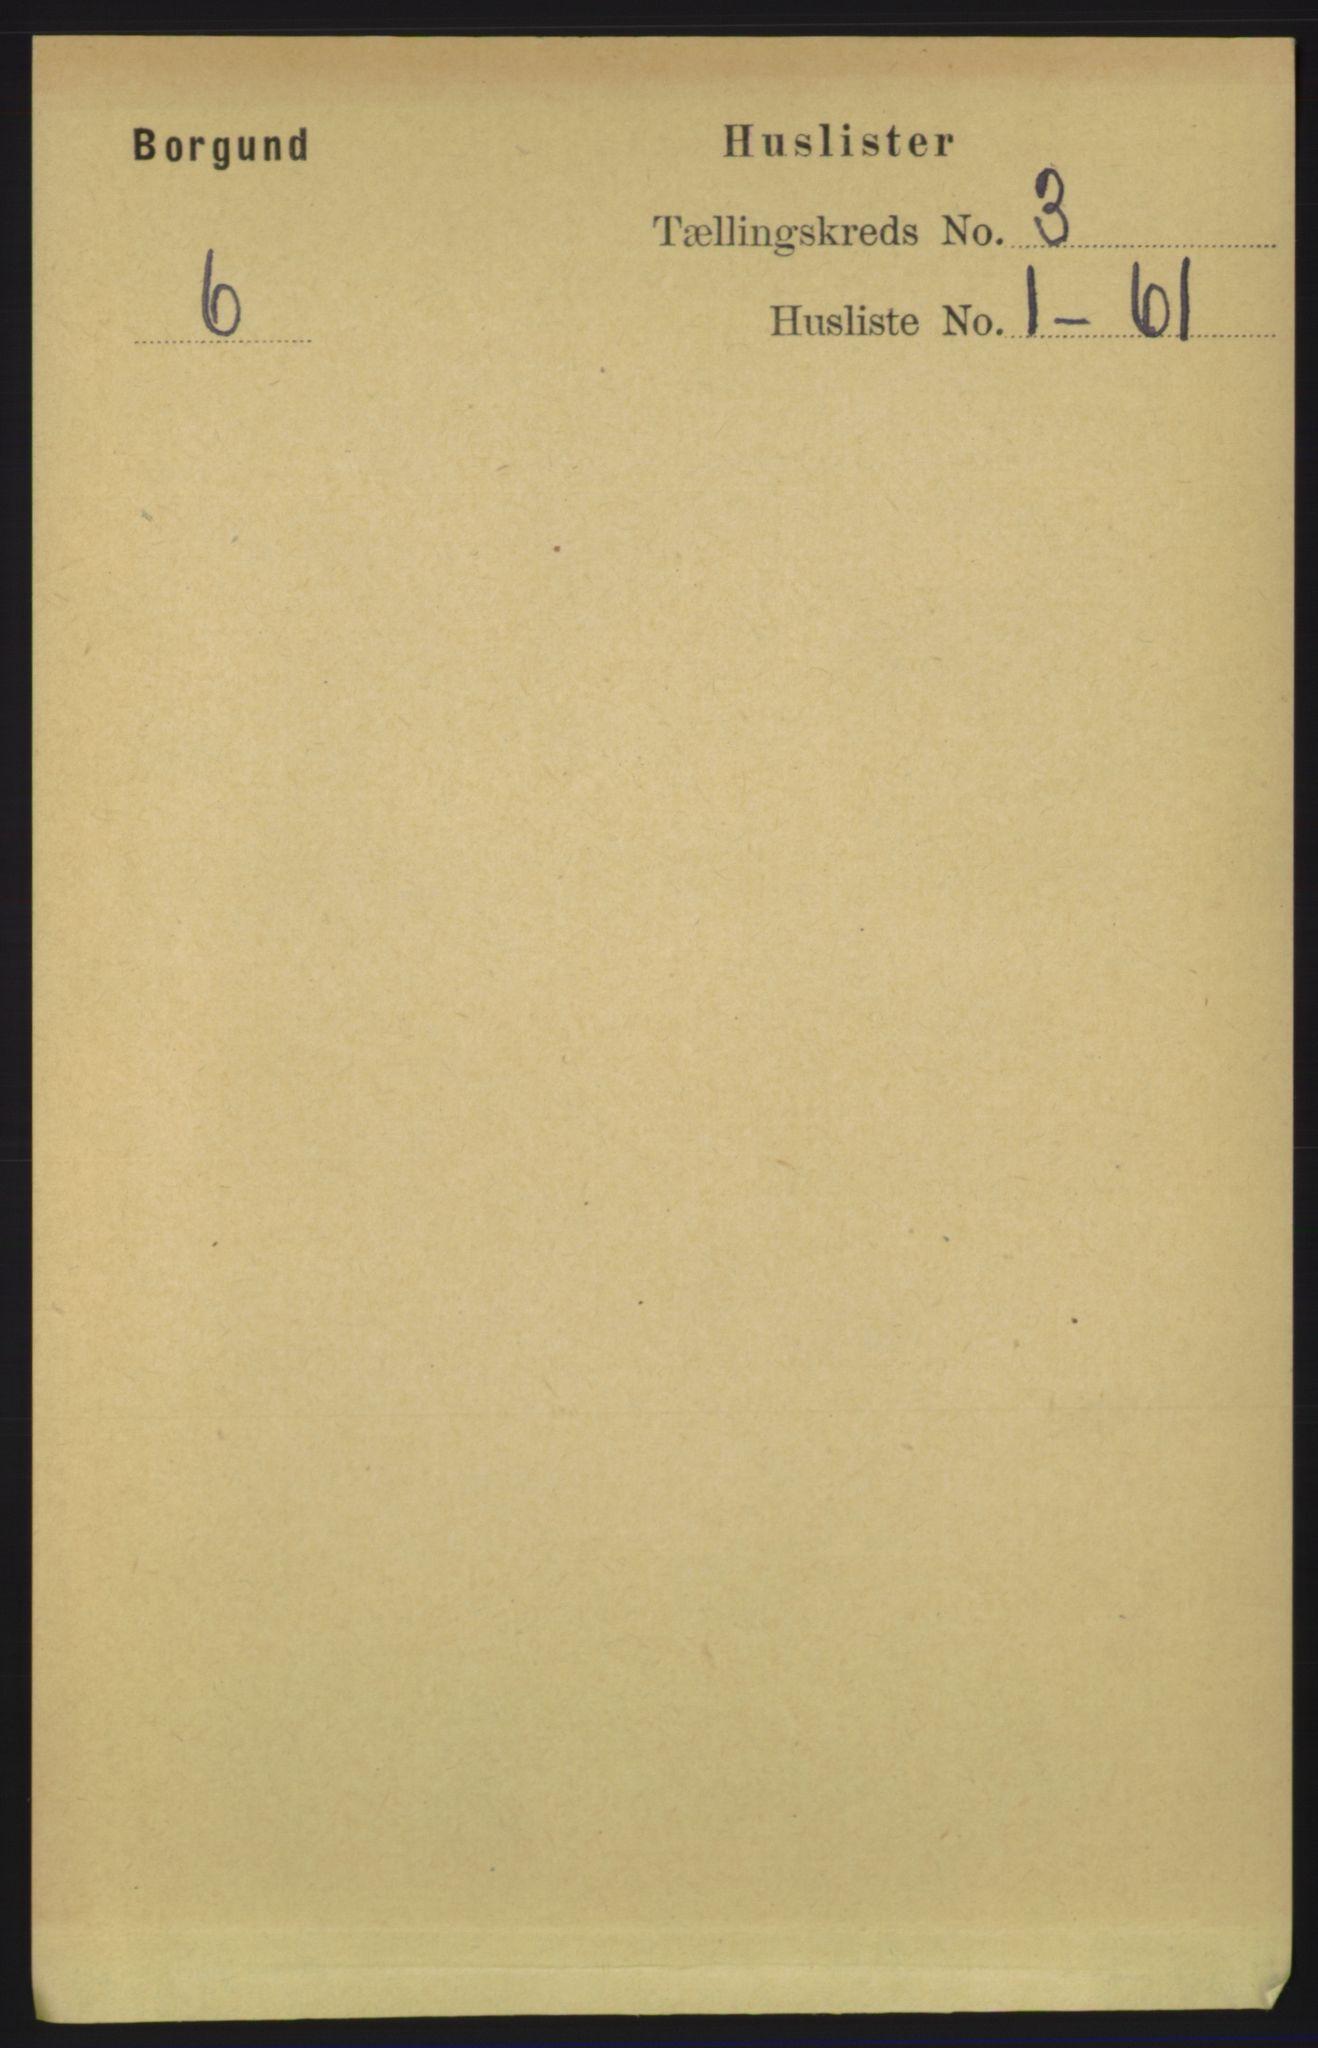 RA, Folketelling 1891 for 1531 Borgund herred, 1891, s. 557